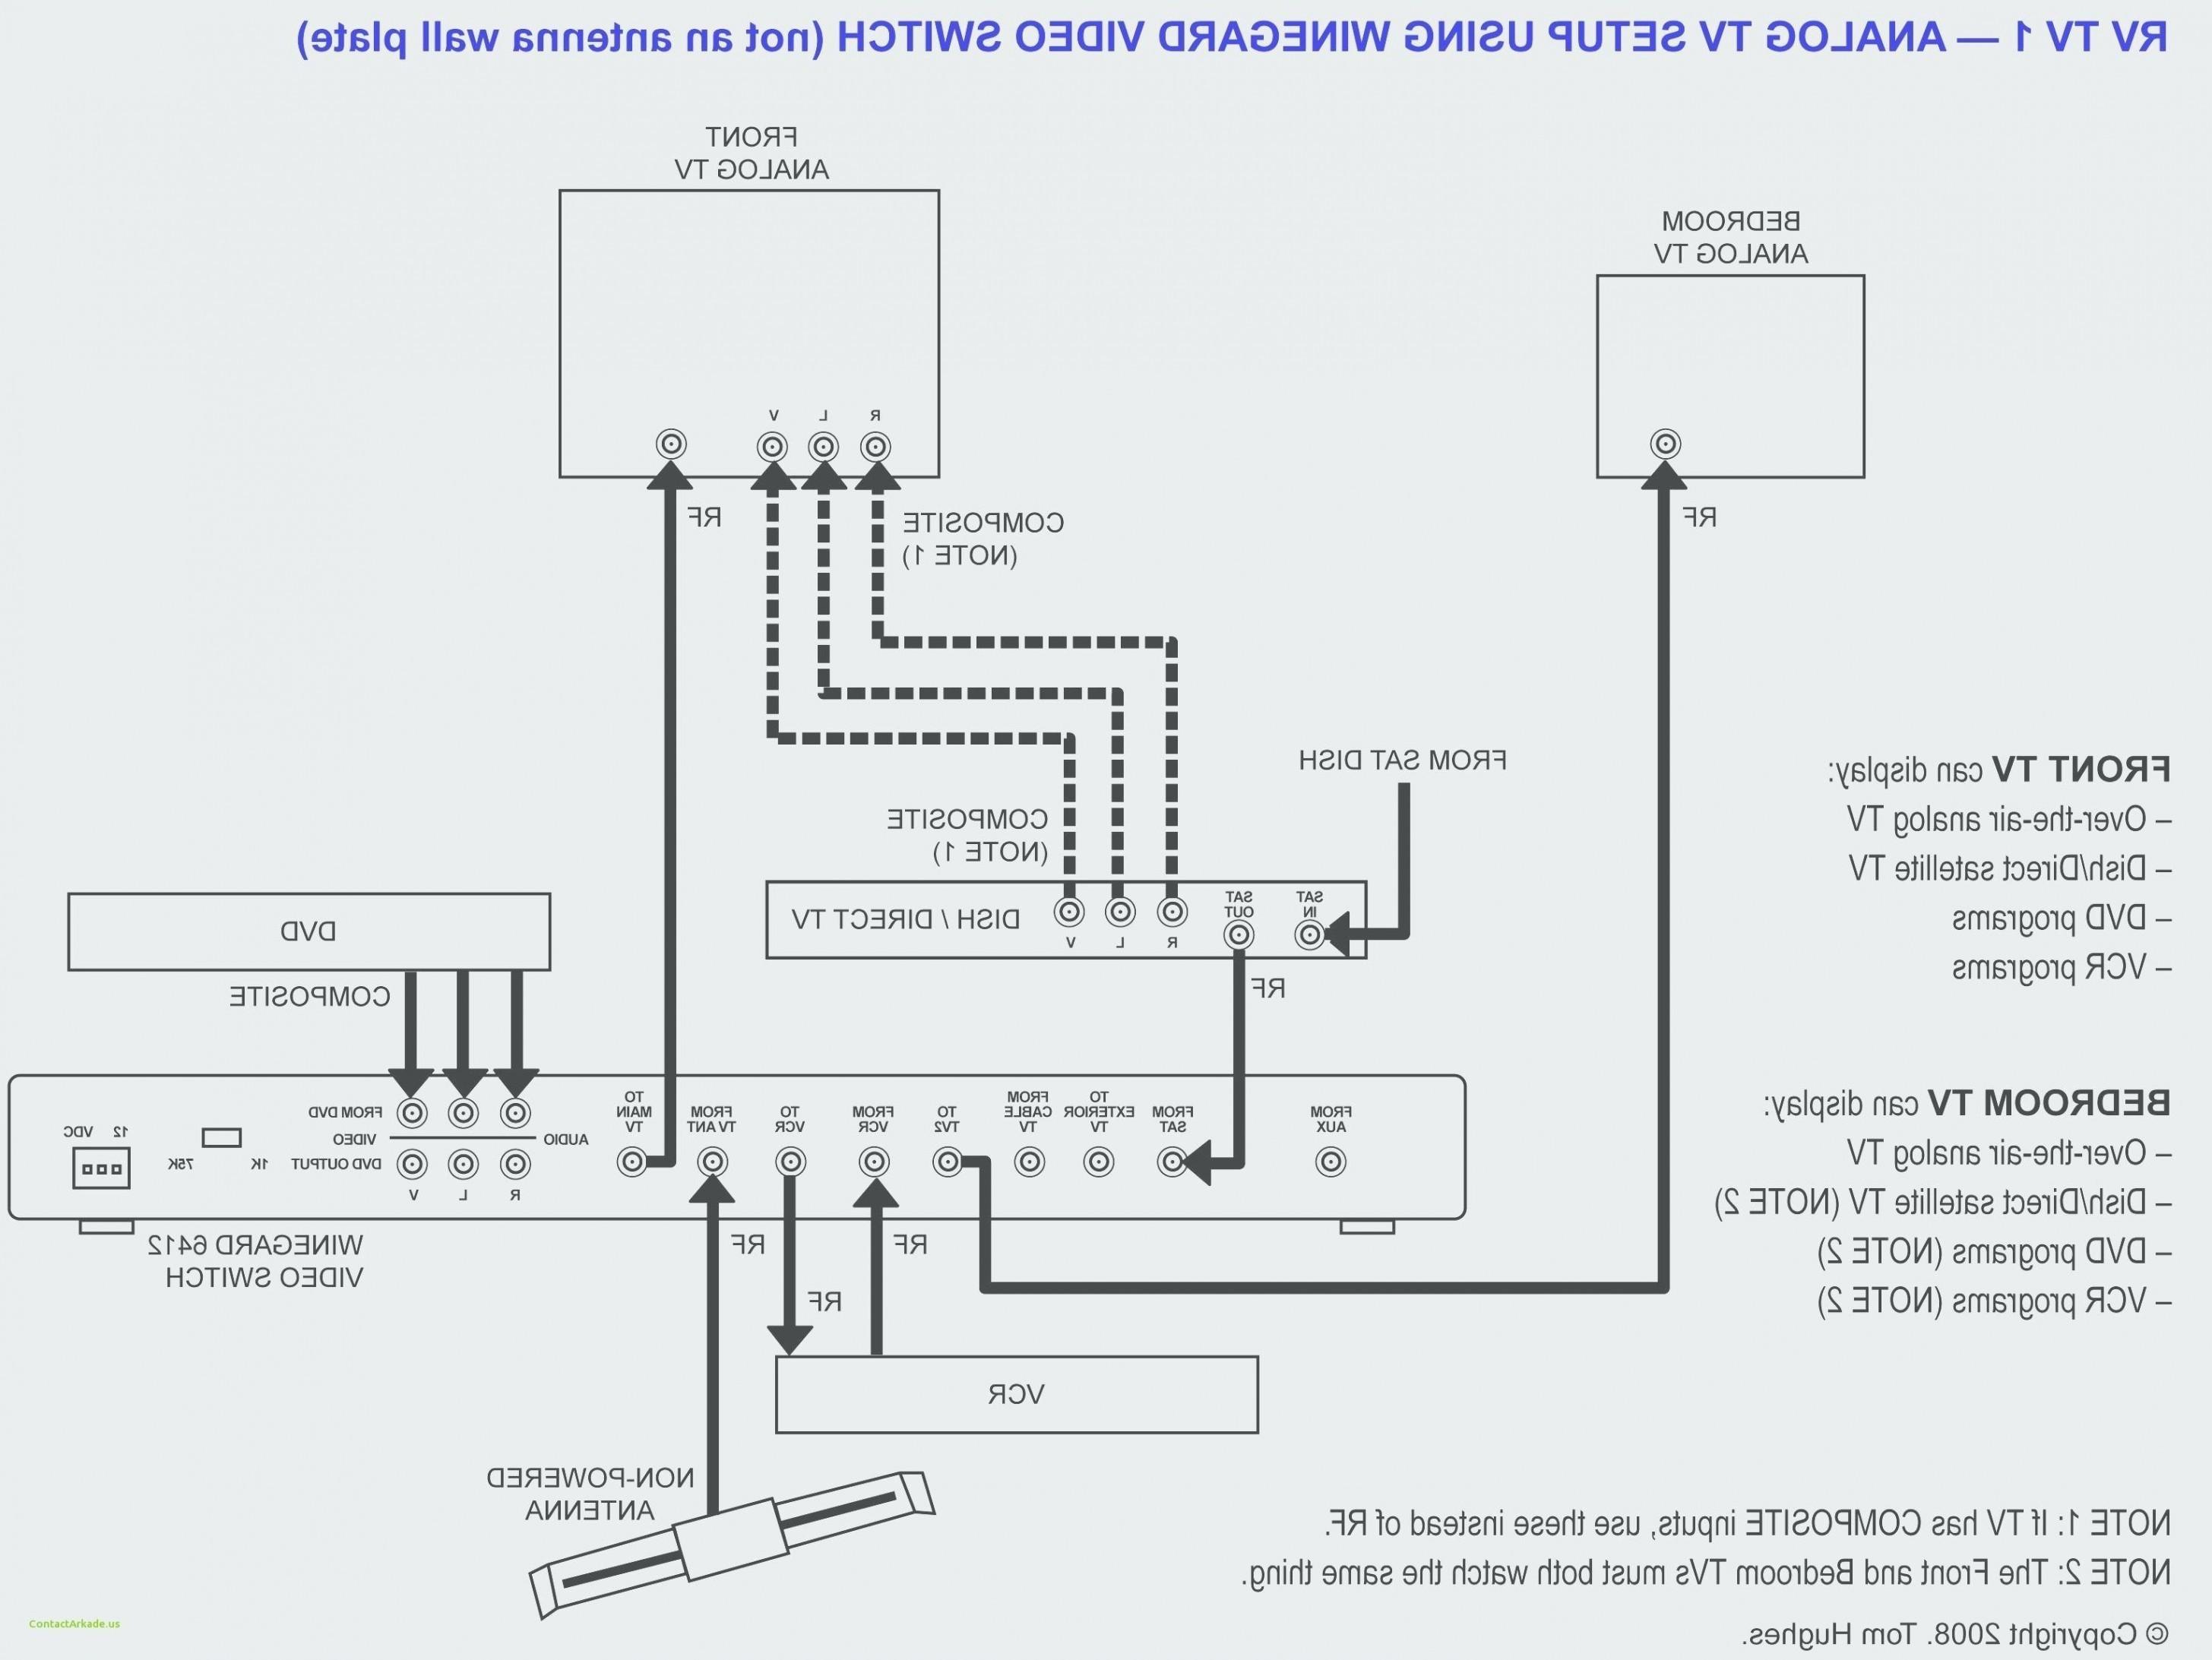 33 Att Uverse Wiring Diagram